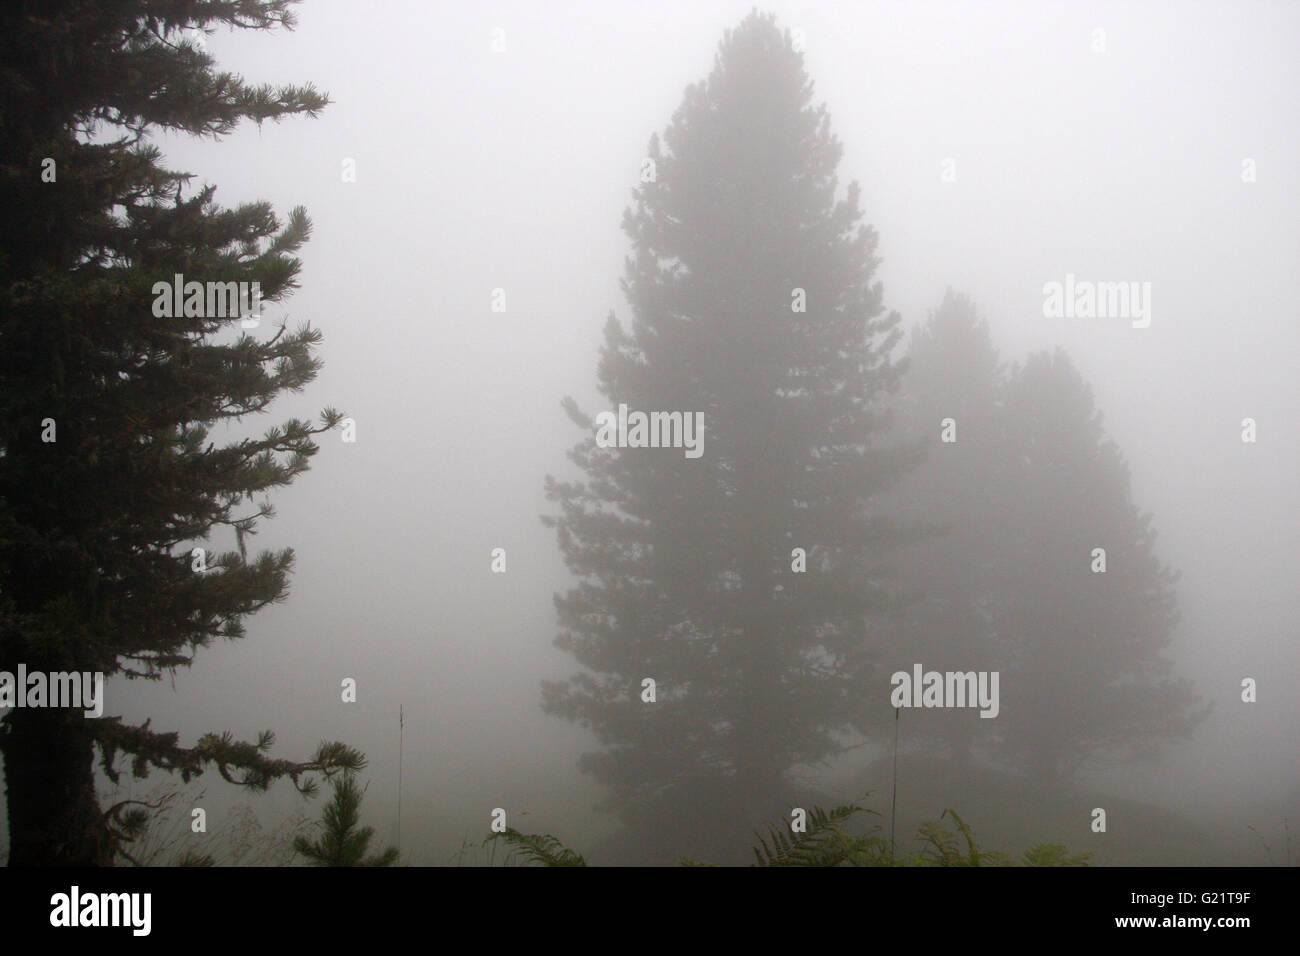 Nebel, Kreuzjoch, Kitzbuehler Alpen, Oesterreich. - Stock Image